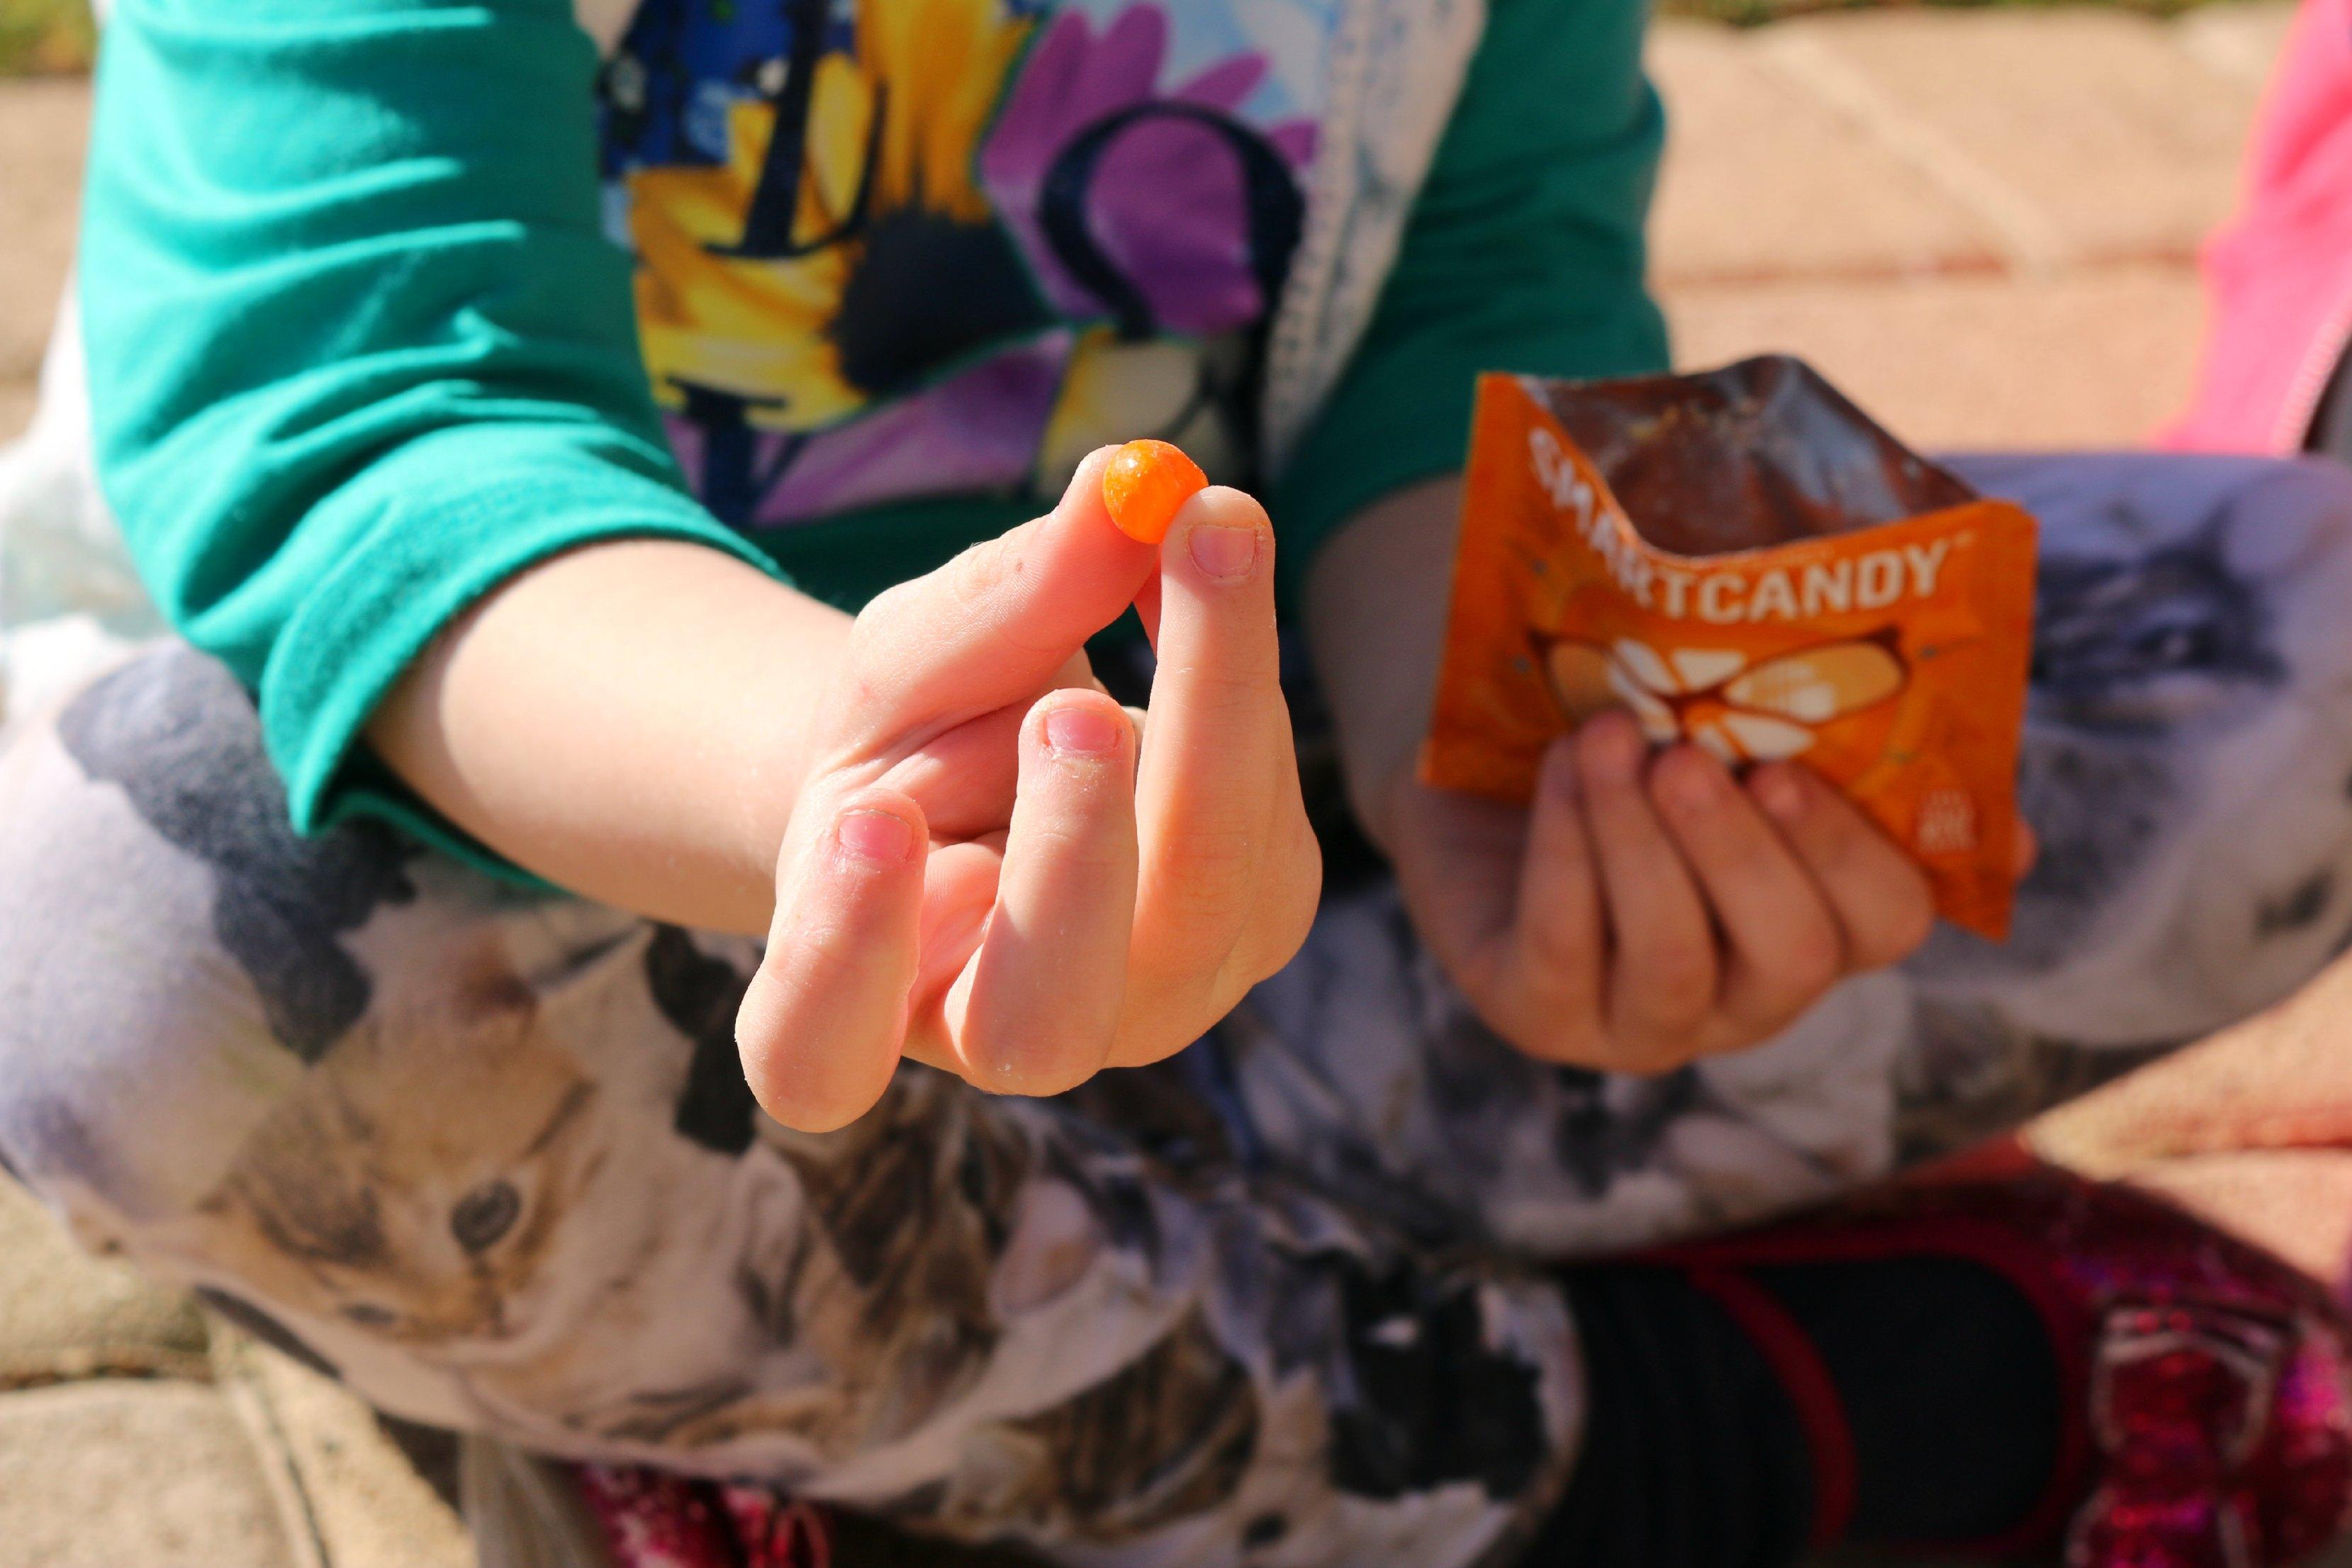 smart candy gummies